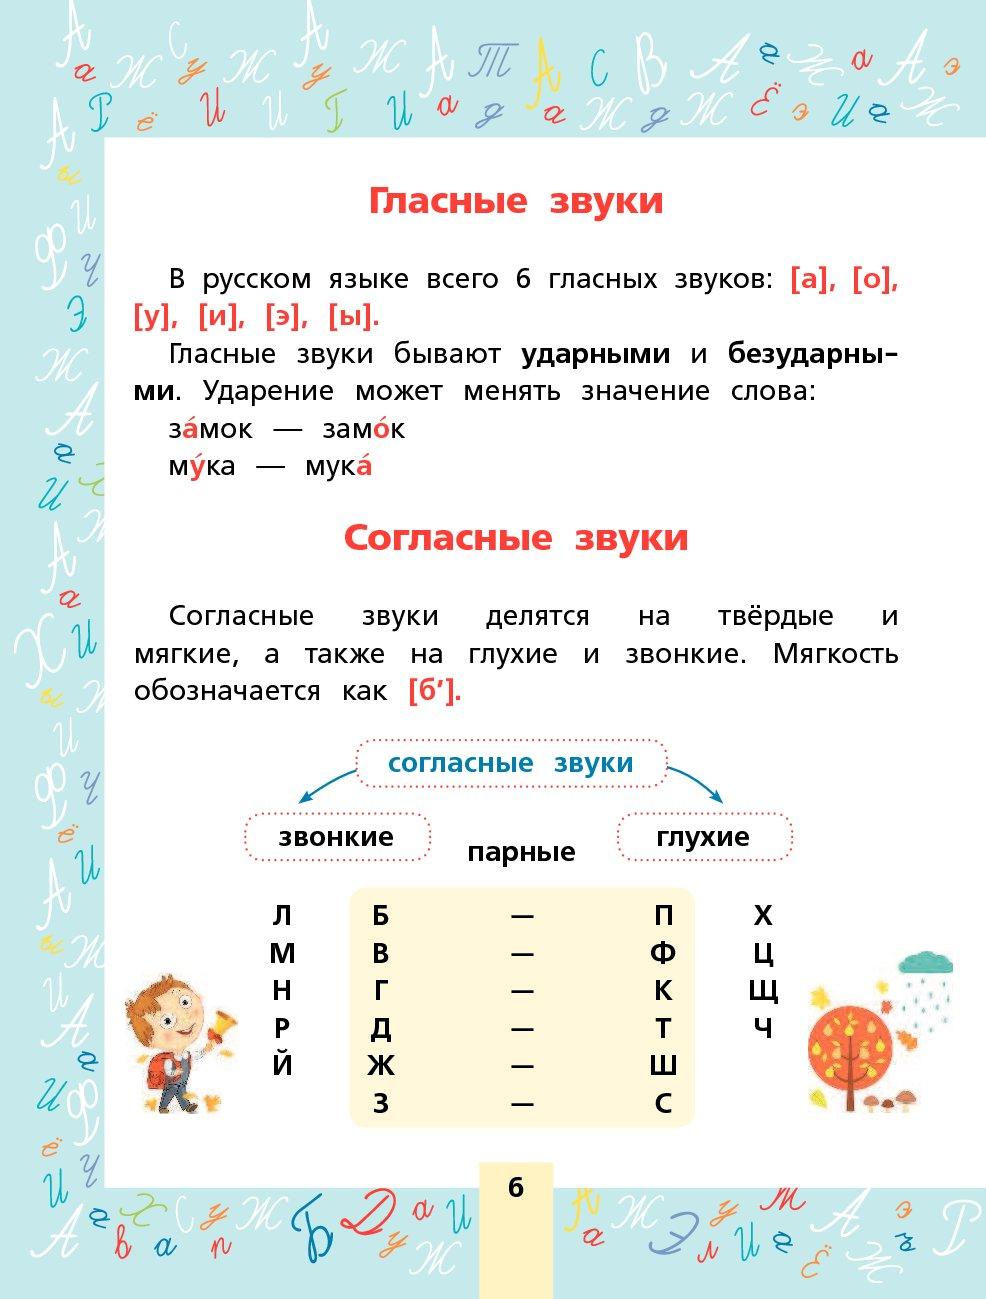 Согласные звуки и буквы, их обозначающие